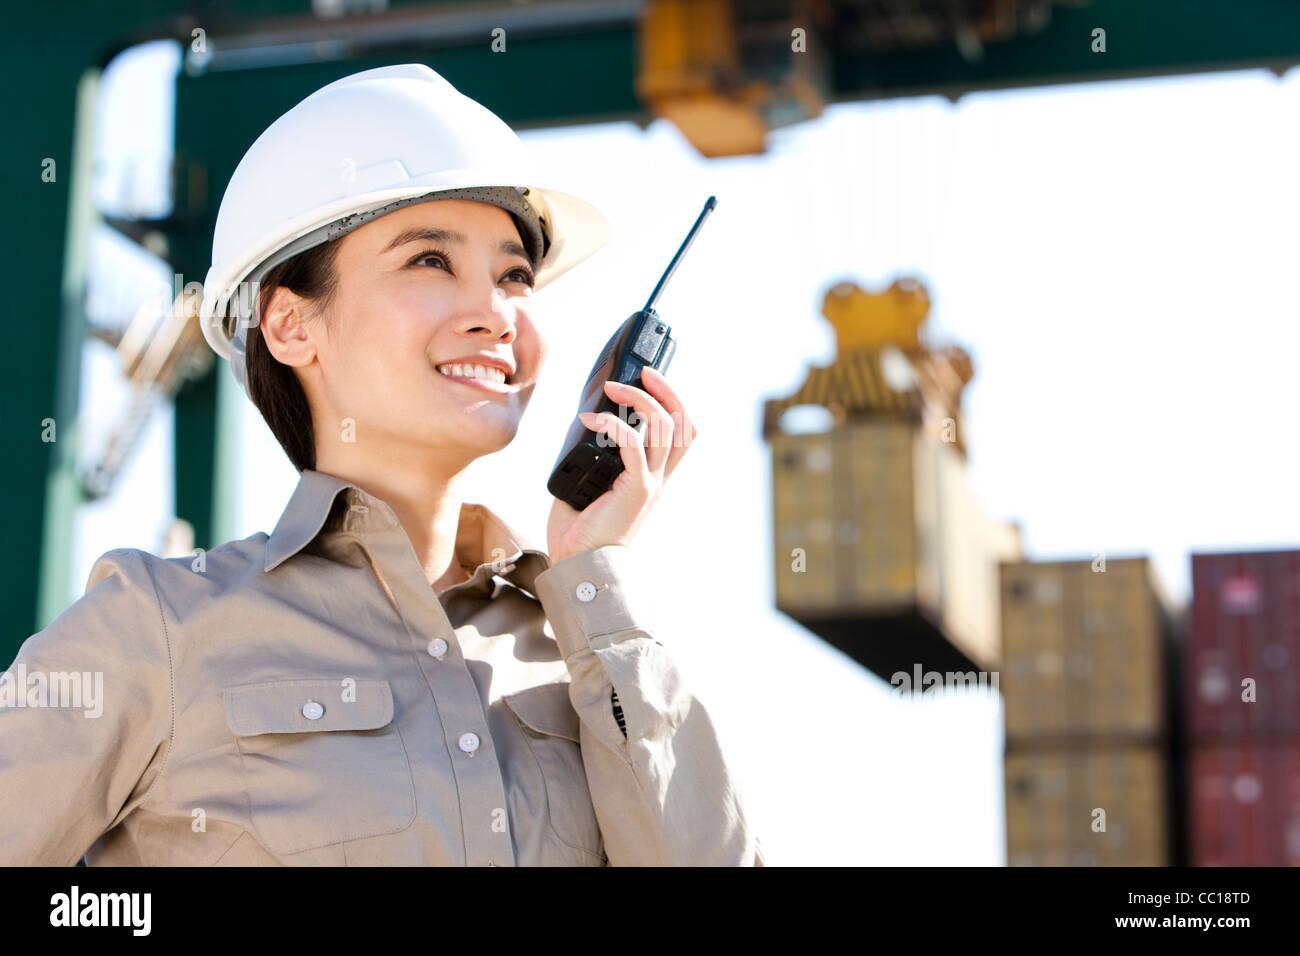 Versand Industrie Arbeiter Regie Krane mit ihr walkie-talkie Stockfoto